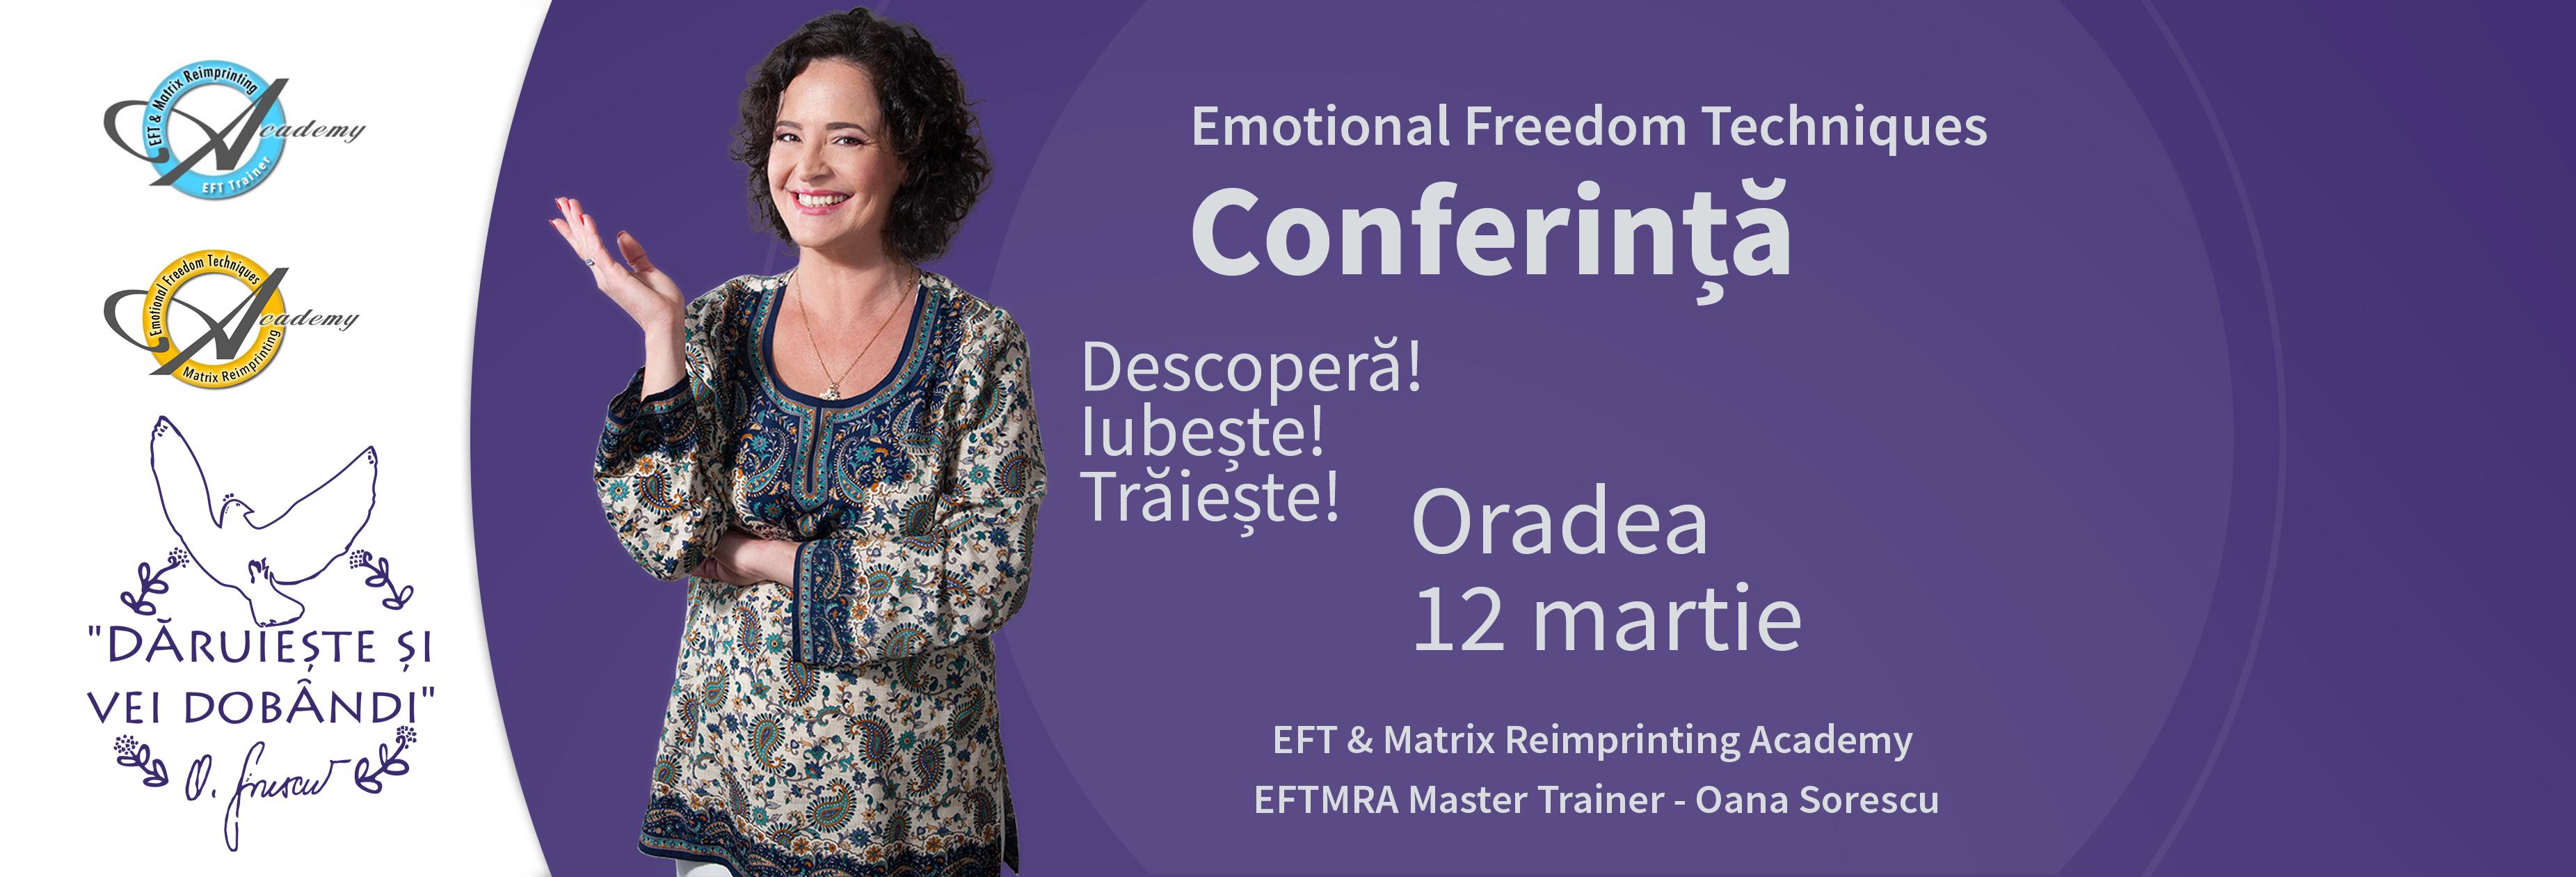 Conferinta EFT Oradea